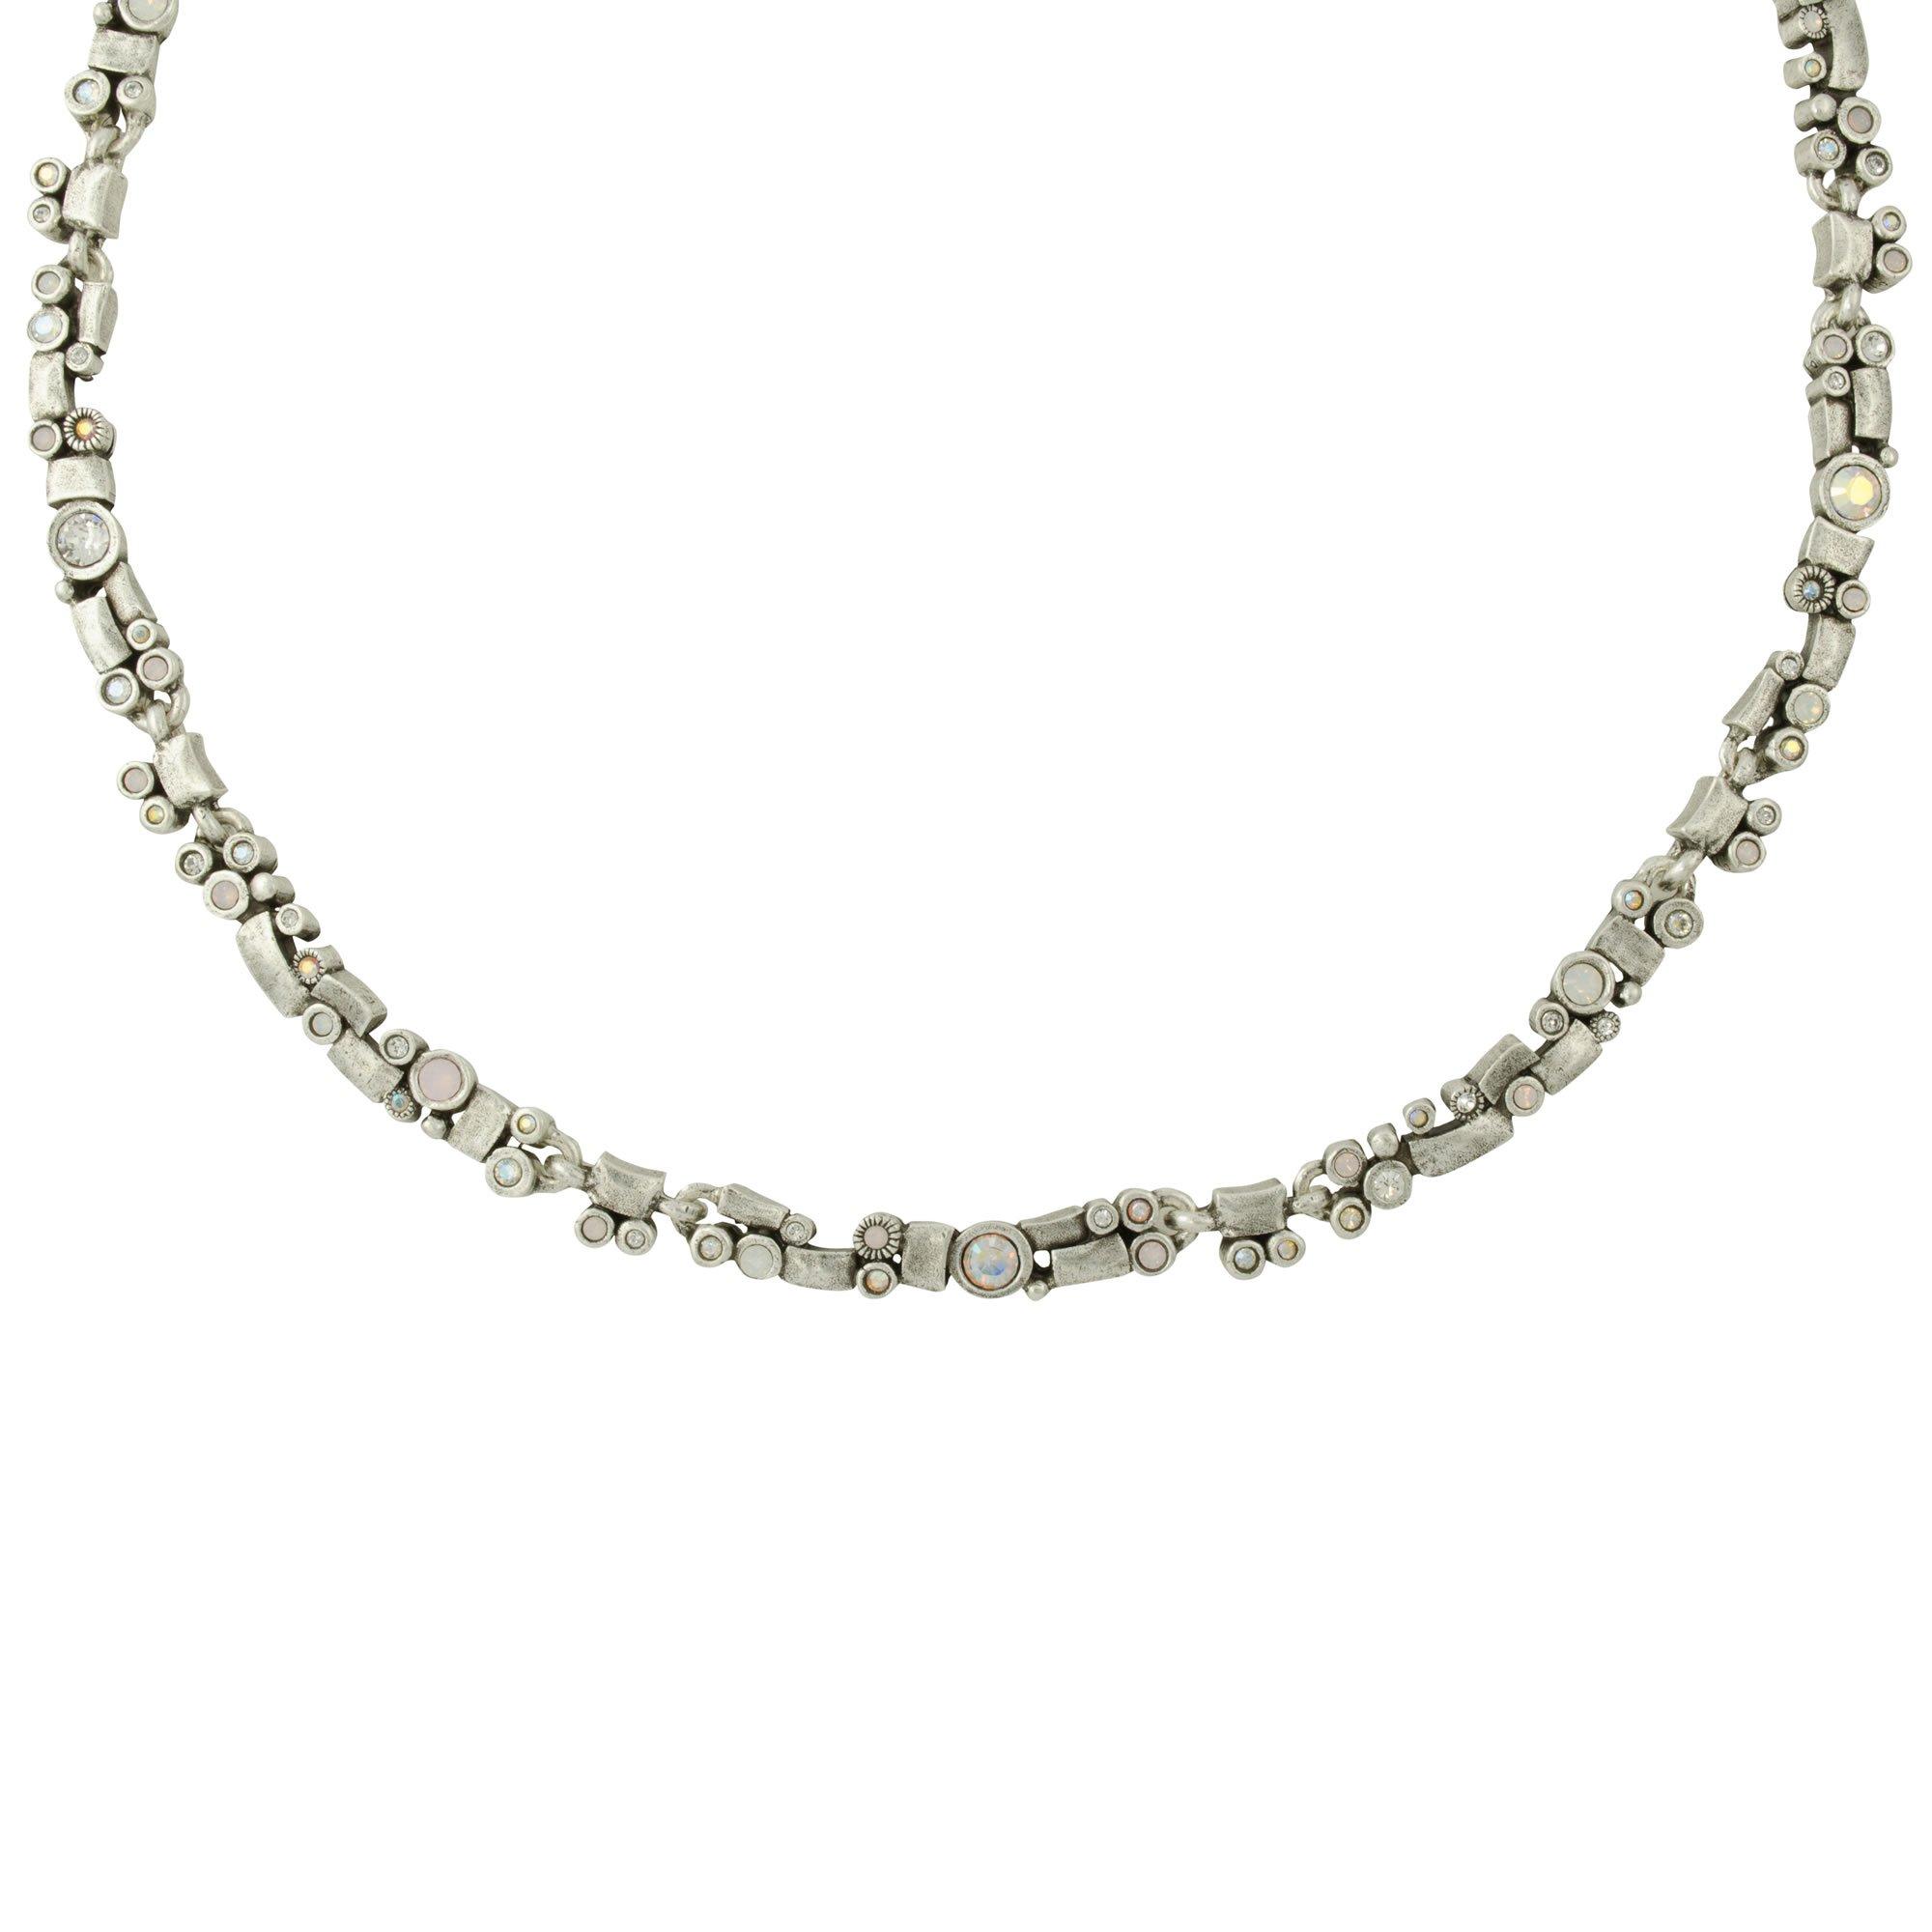 Patricia Locke Bandelier Necklace in Silver, Sugar Color Story